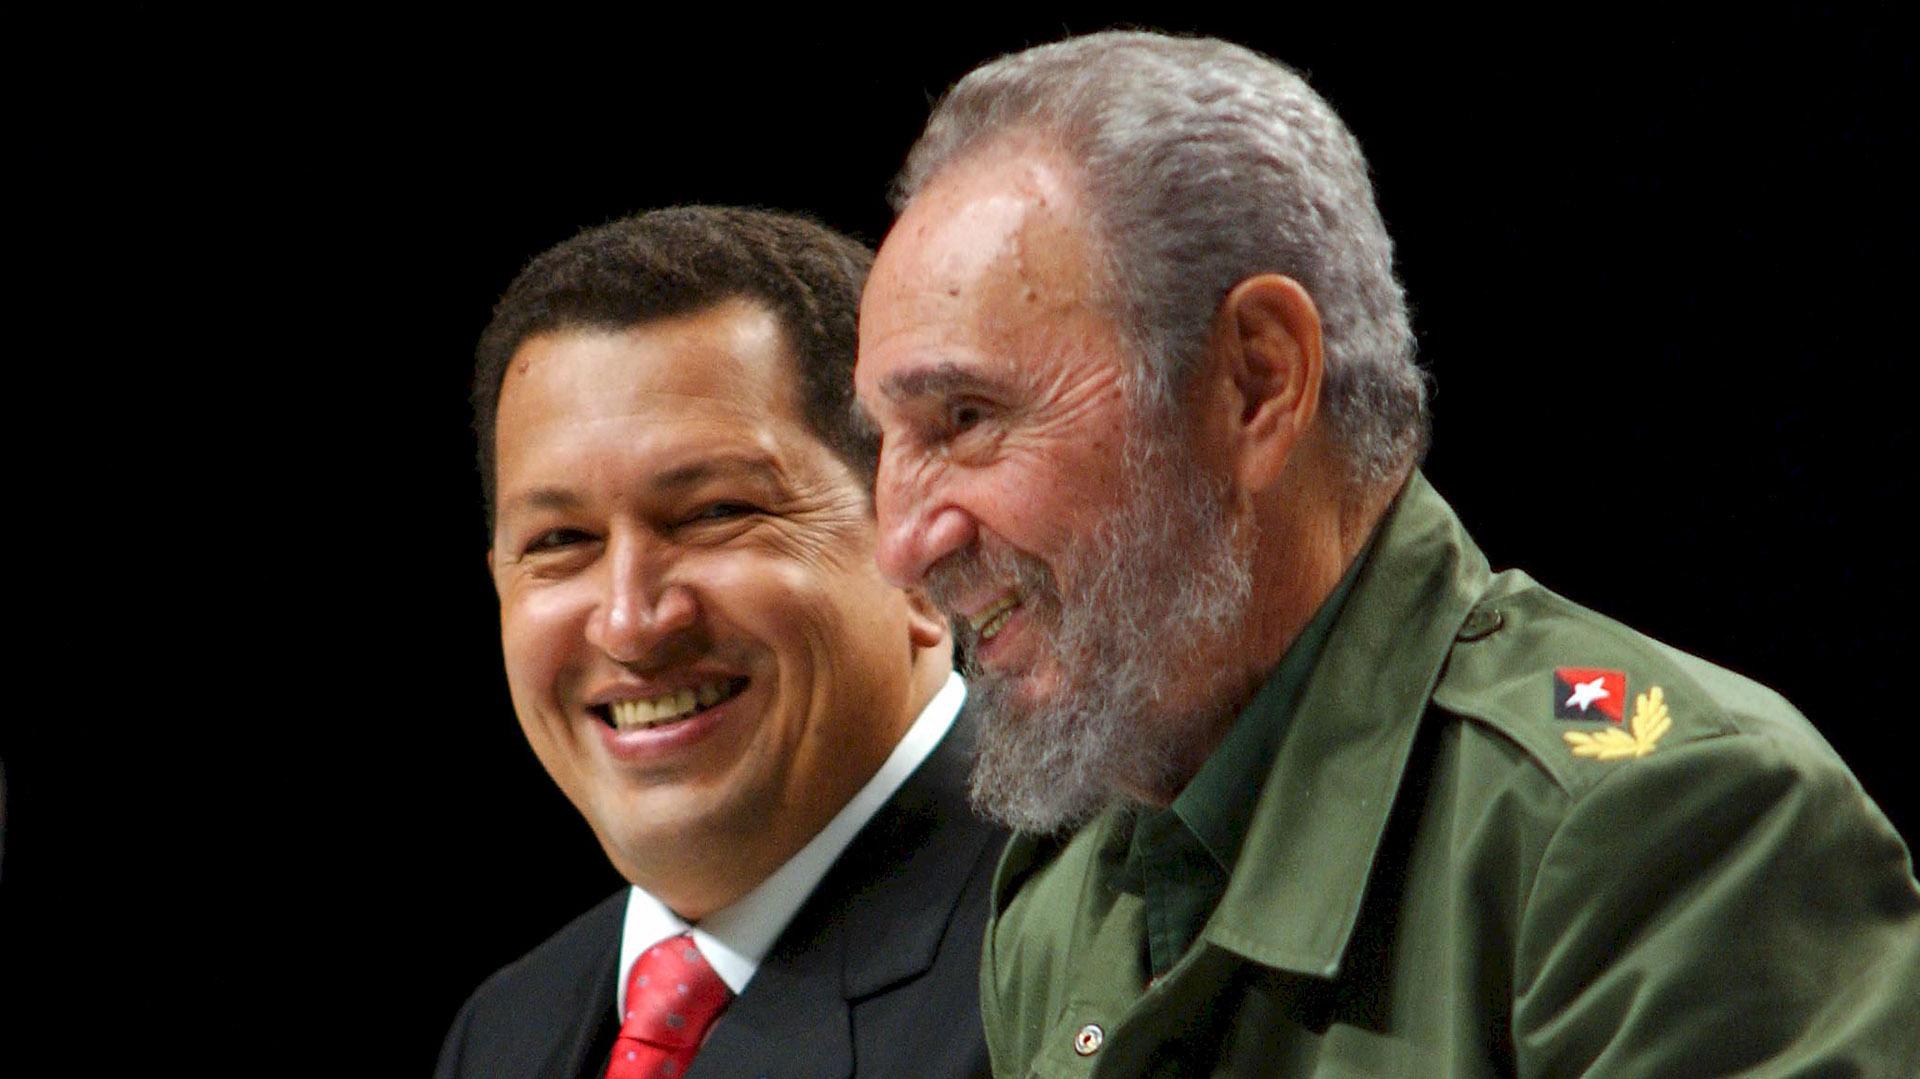 La estrecha relación entre Cuba y Venezuela comenzó con la llegada de Hugo Chávez al poder en 1999